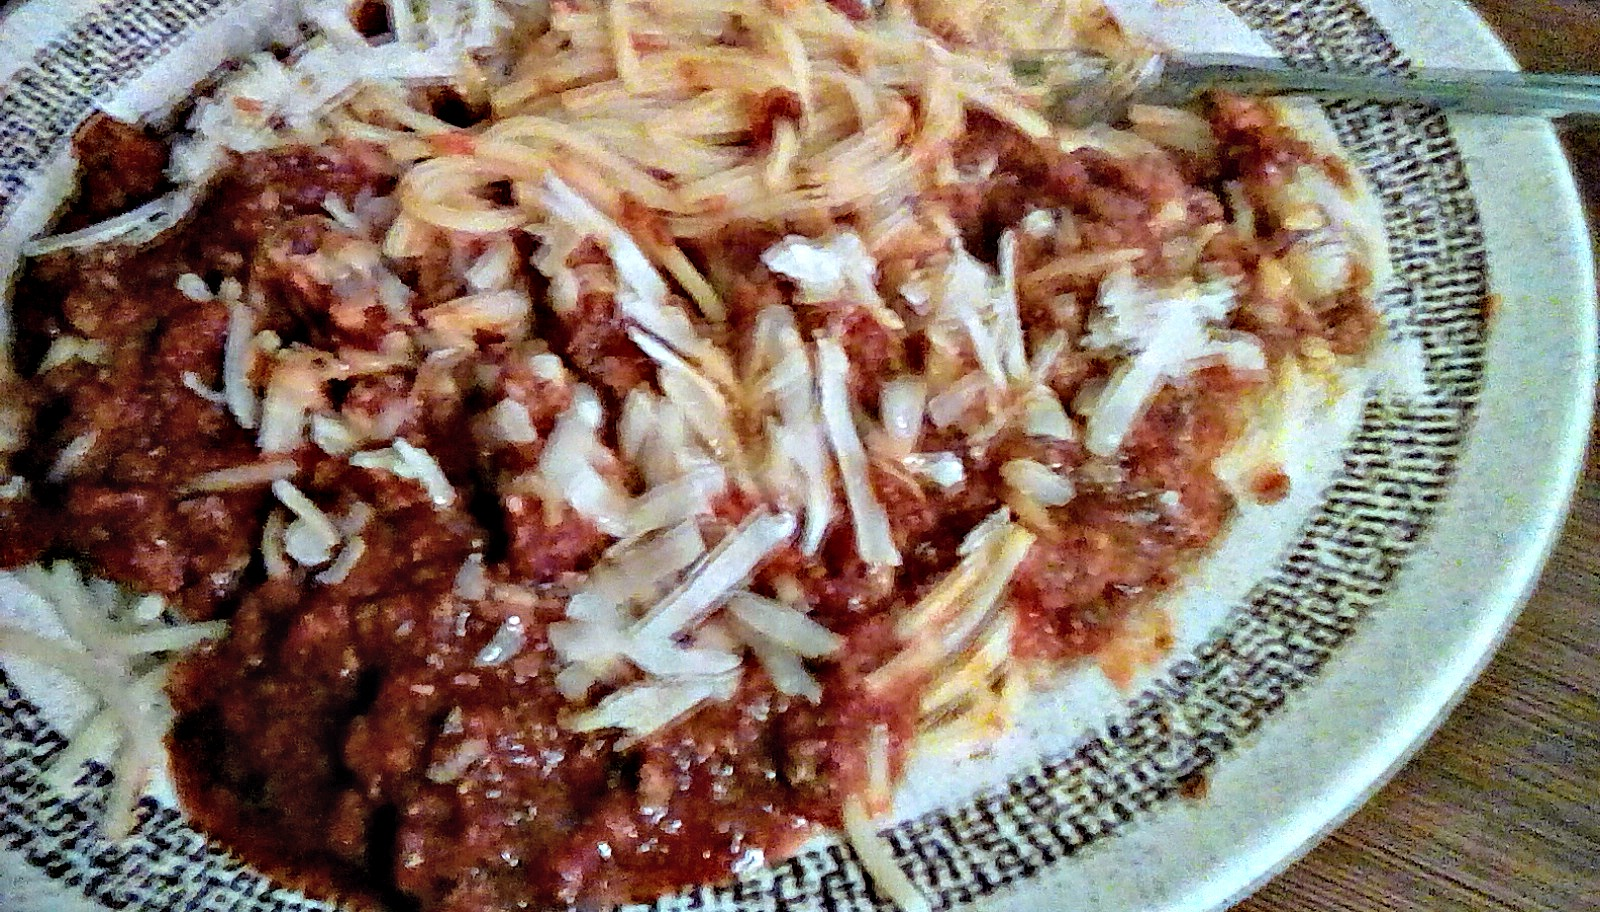 Spicy Gluten-Free Pasta Sauce